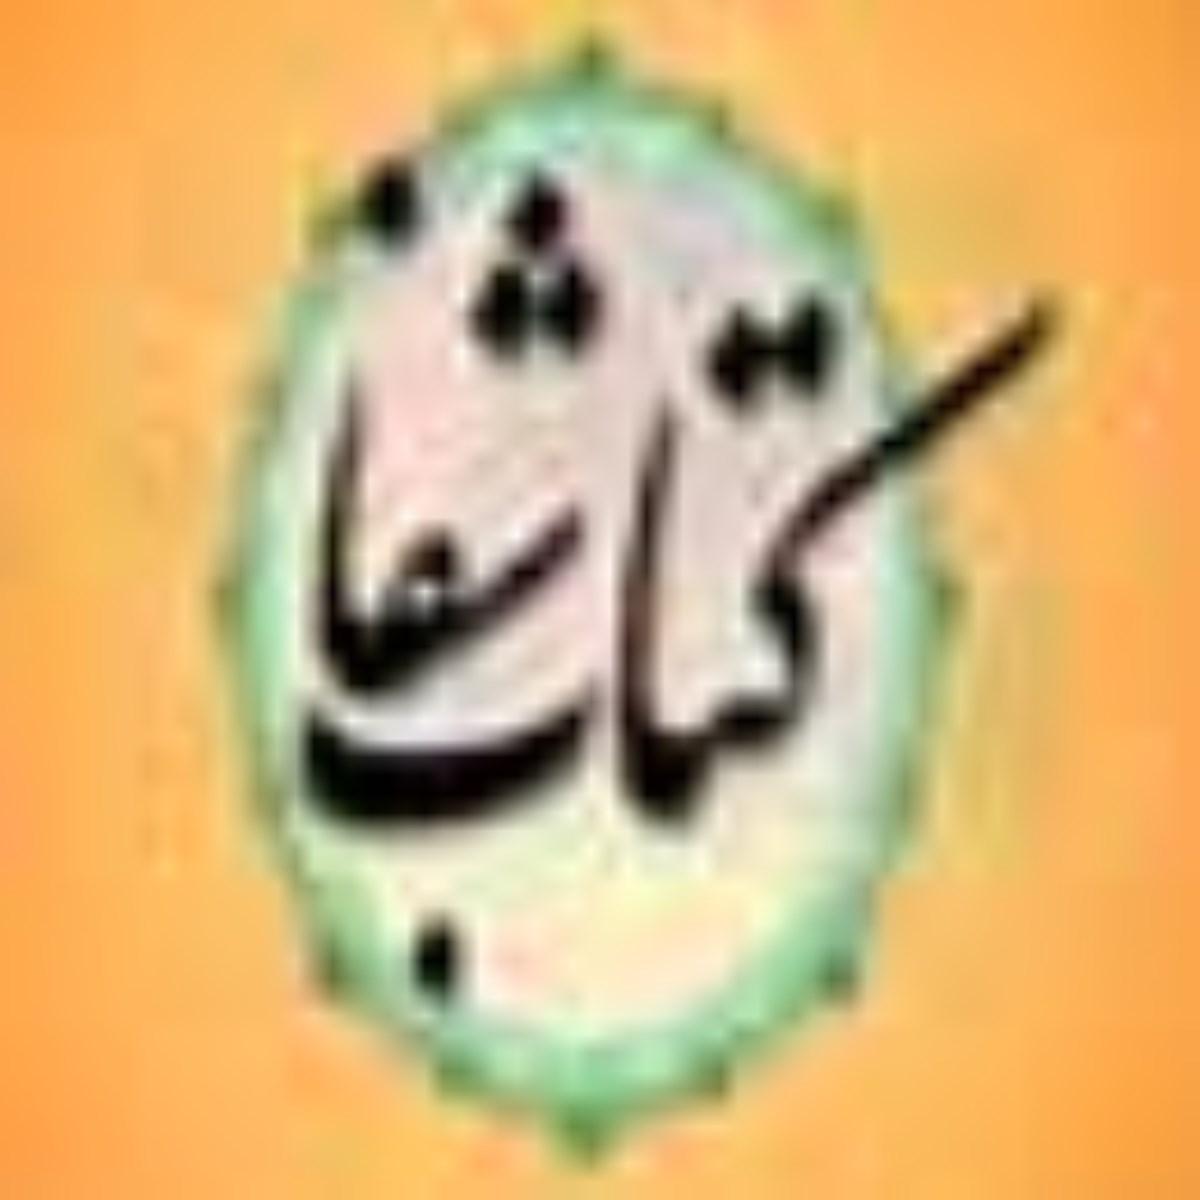 معلم اول فلسفه اسلامی